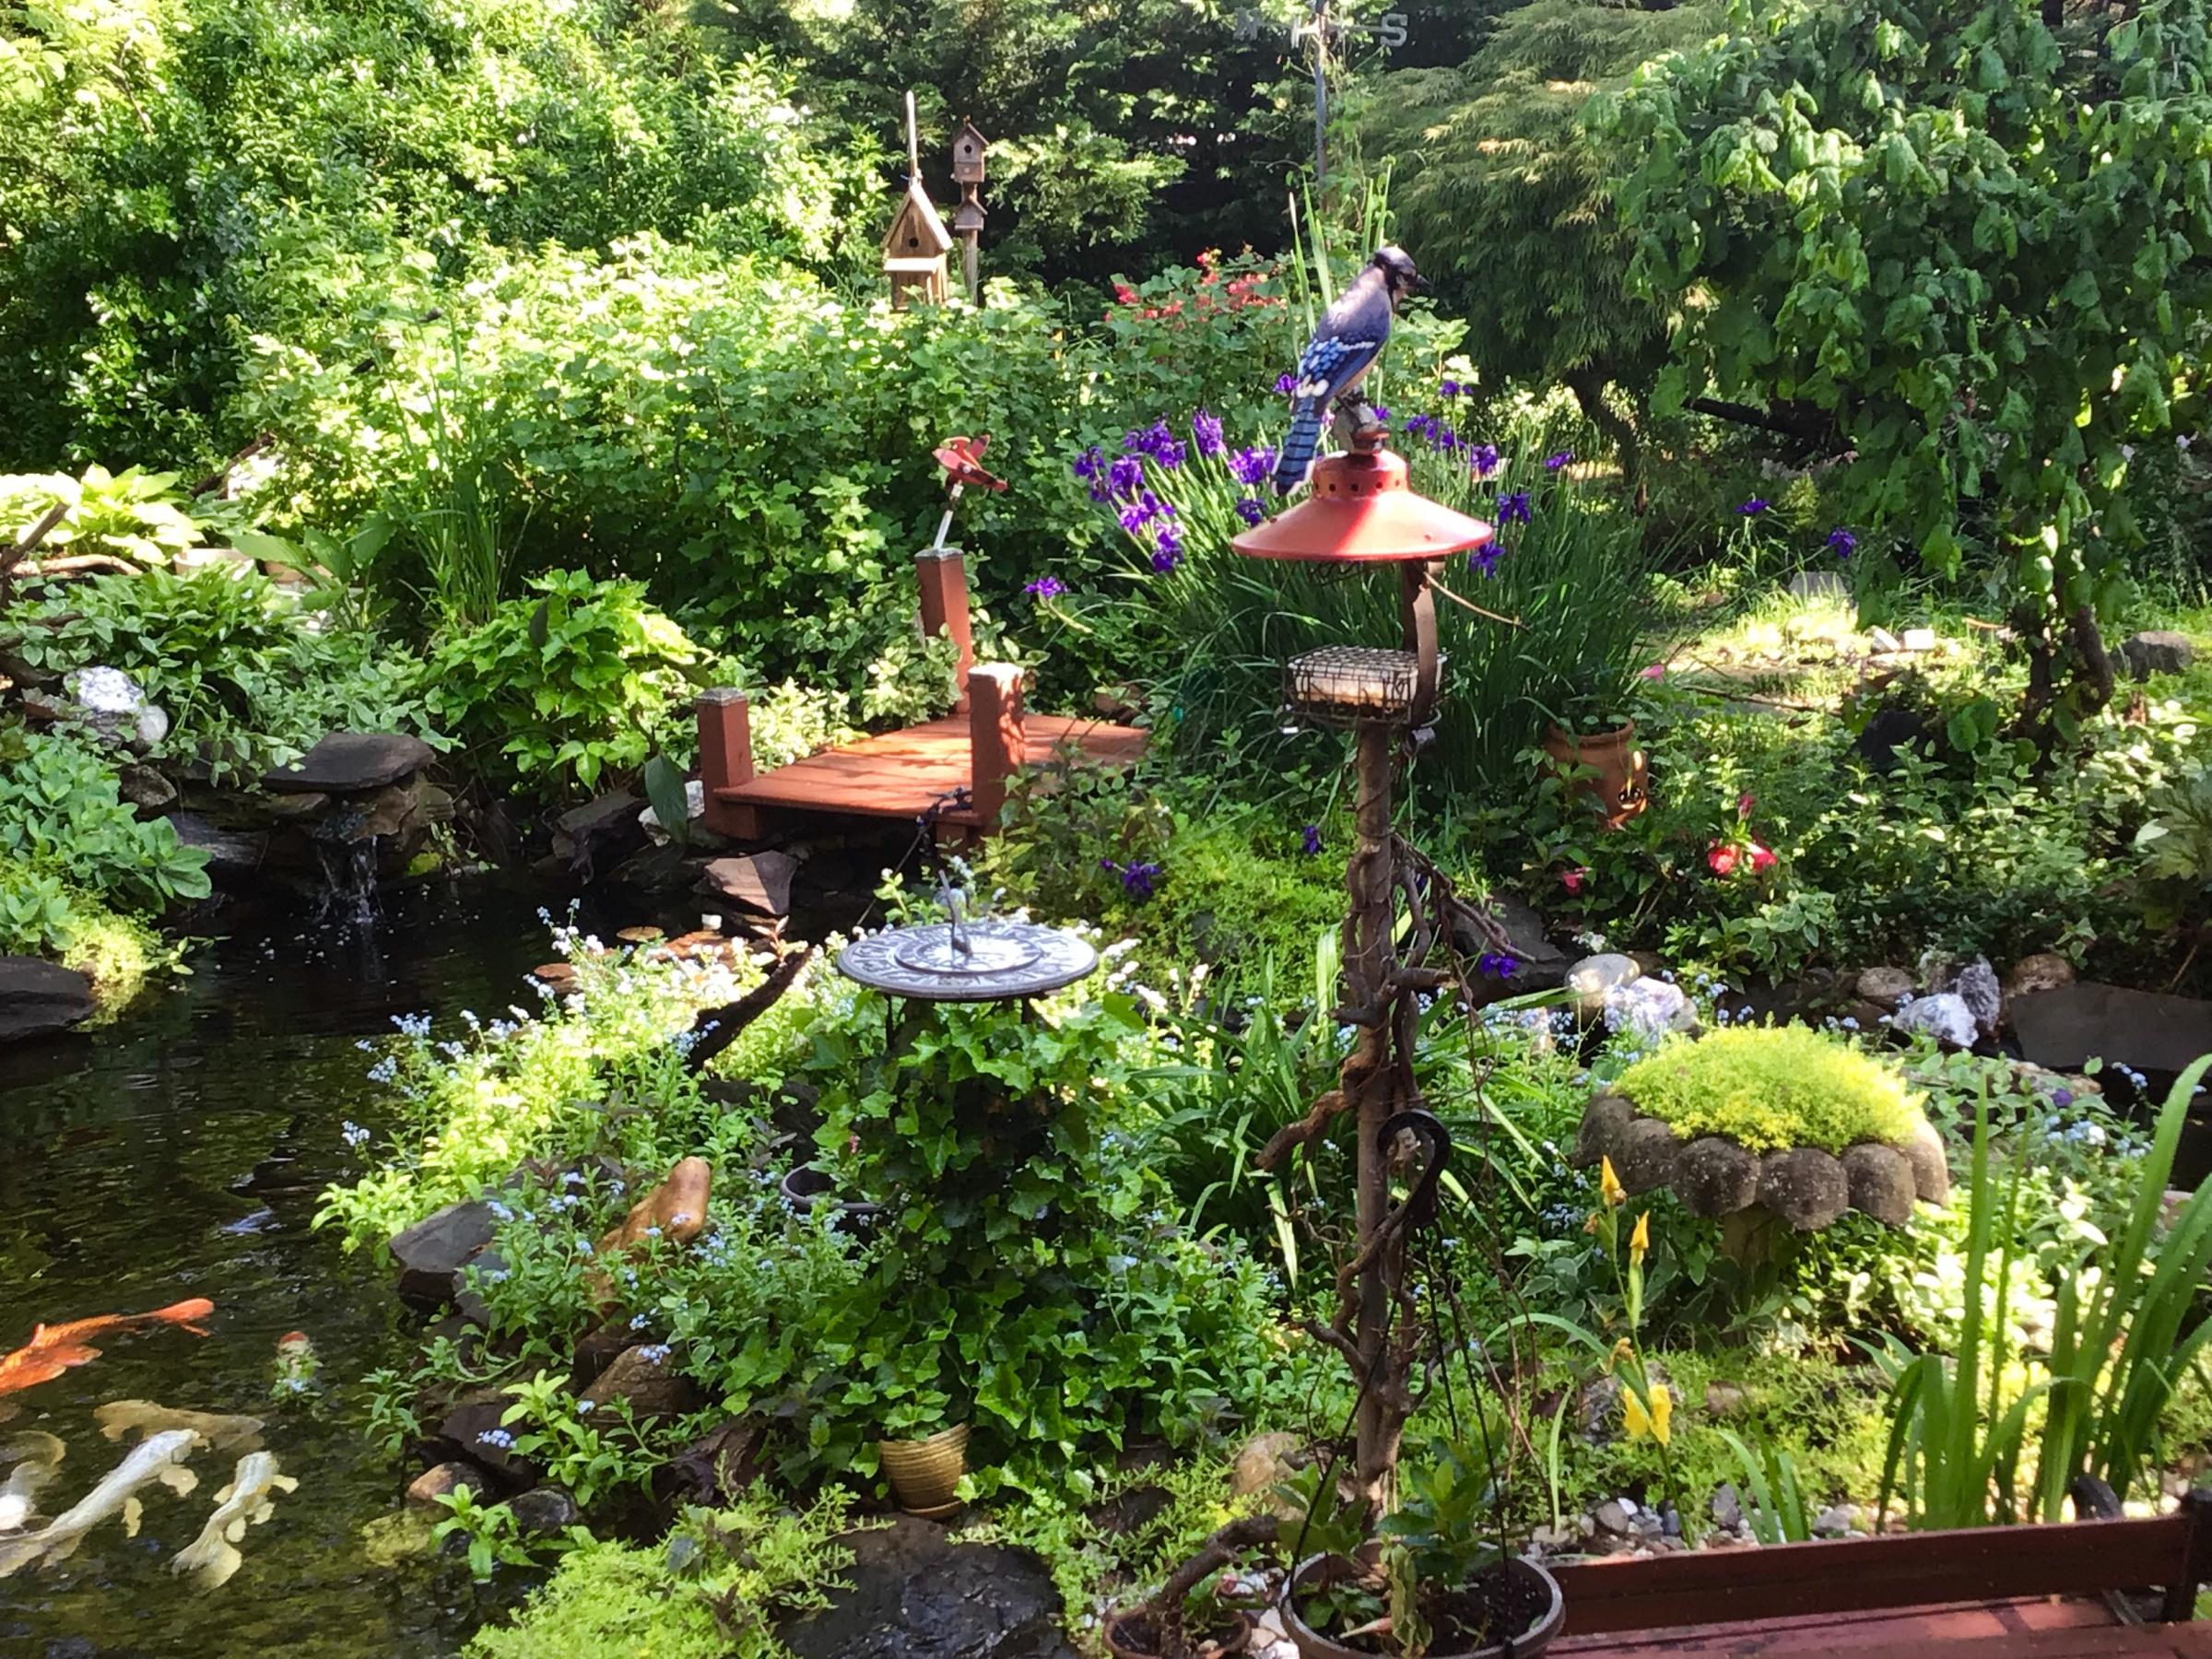 This mornings garden-3bdd83a9-8118-4c61-aebf-56cc949ec4a9.jpg